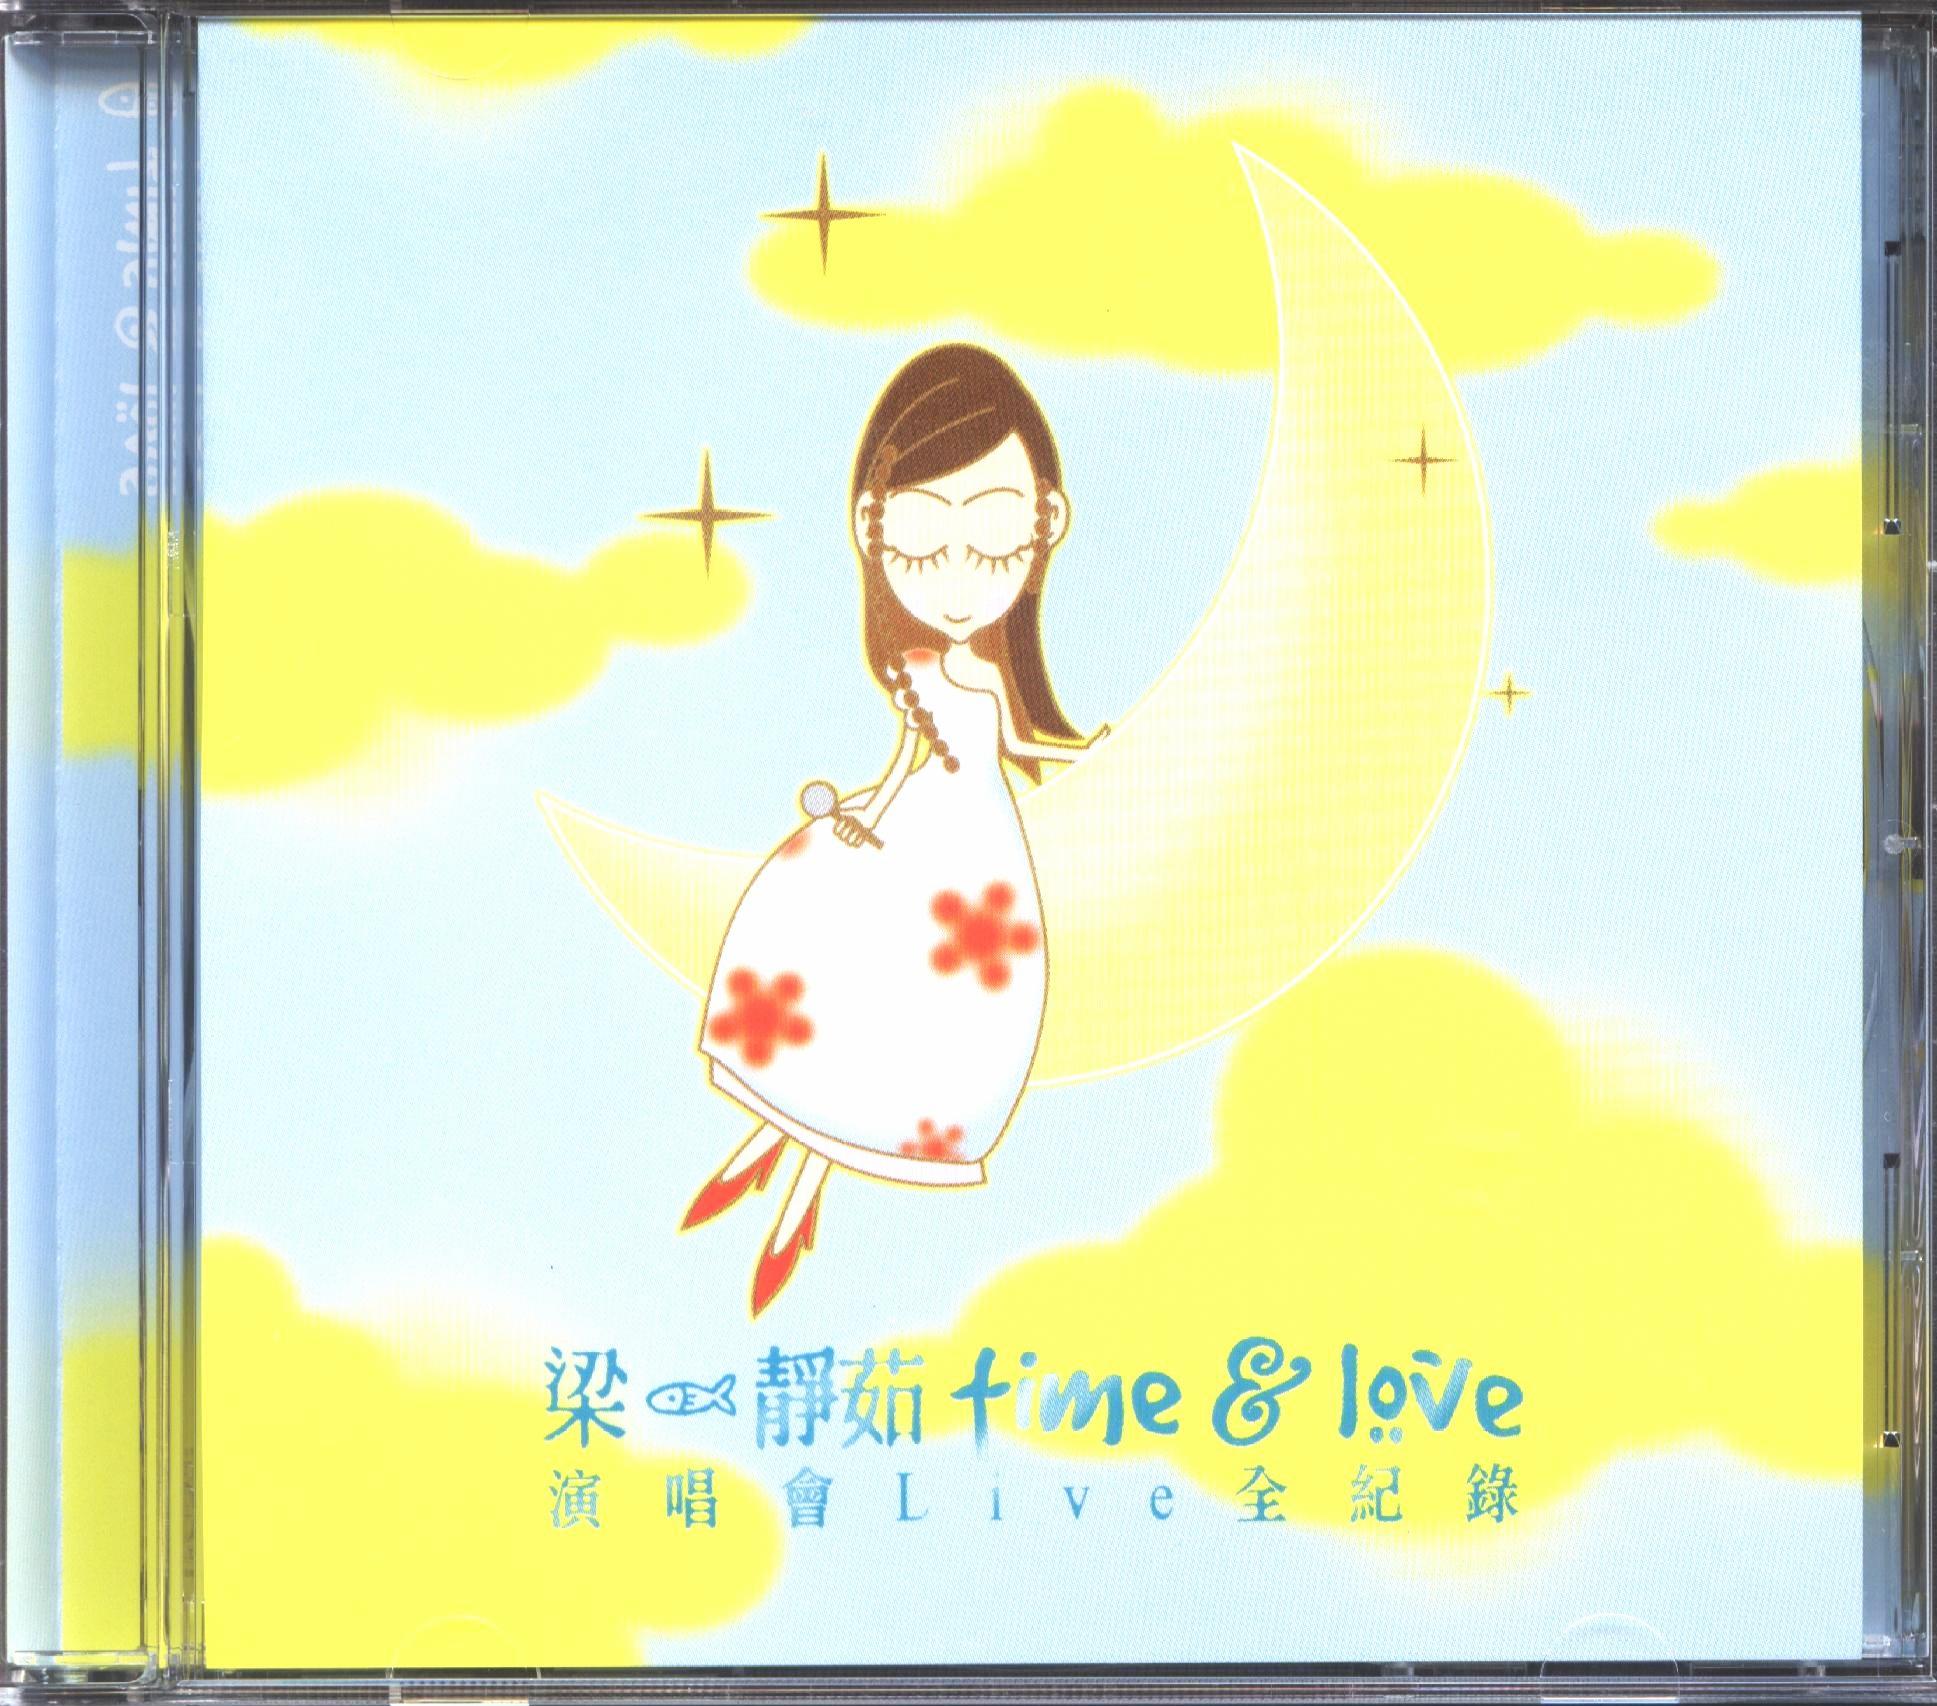 梁靜茹 (Fish Leong) – Time & Love 演唱會LIVE (20020 [WAV 整軌]